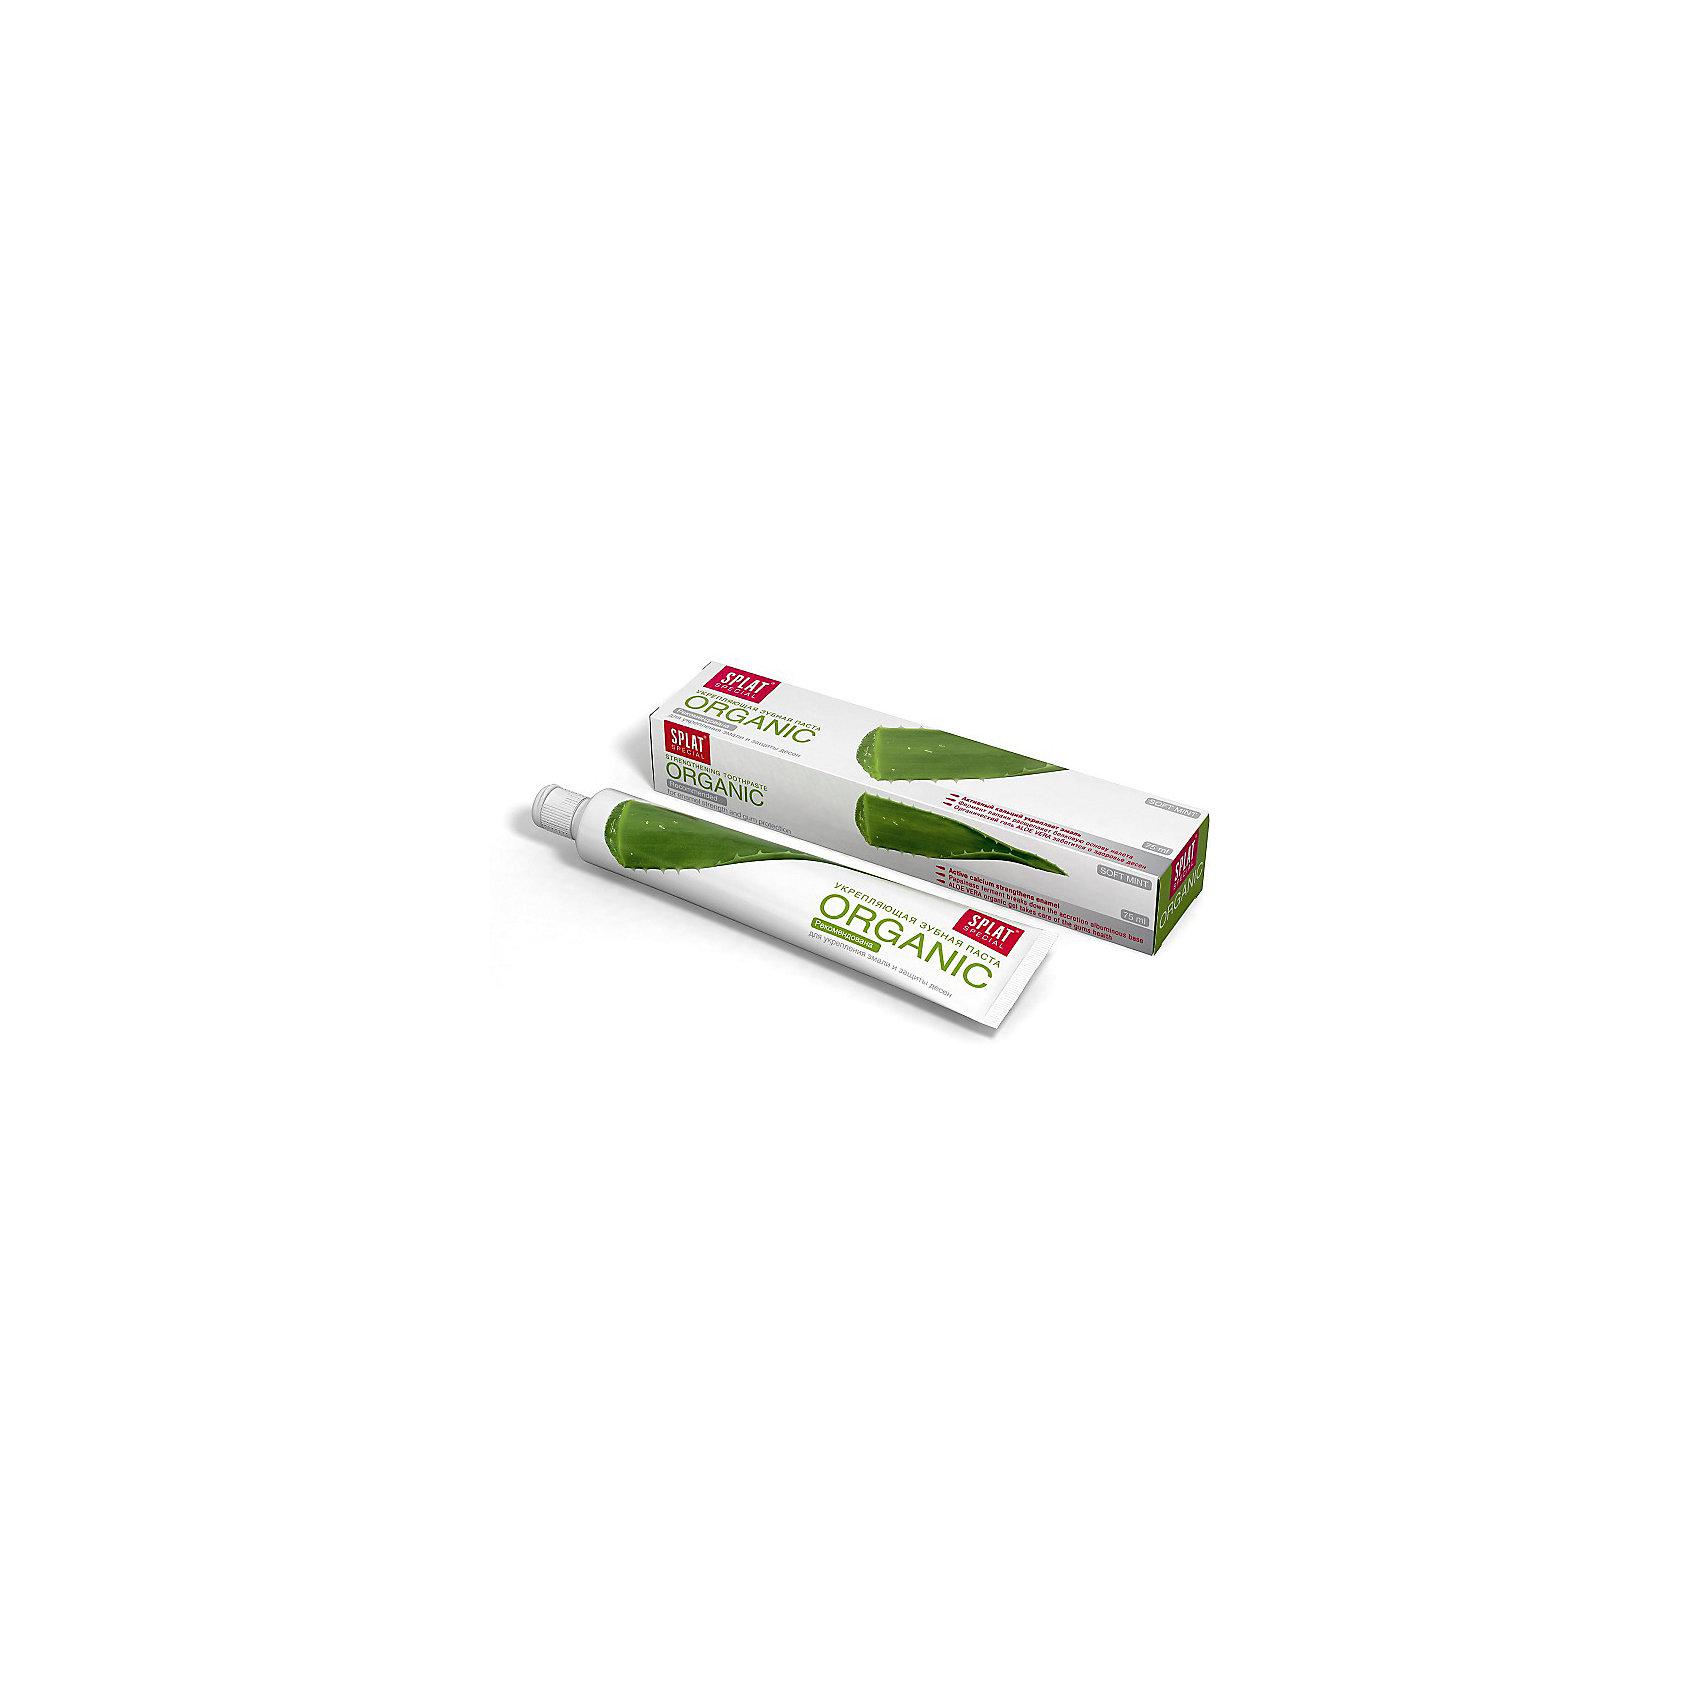 Splat Зубная паста для беременных ОРГАНИК , Splat купить шугаринг пасту в интернет магазине